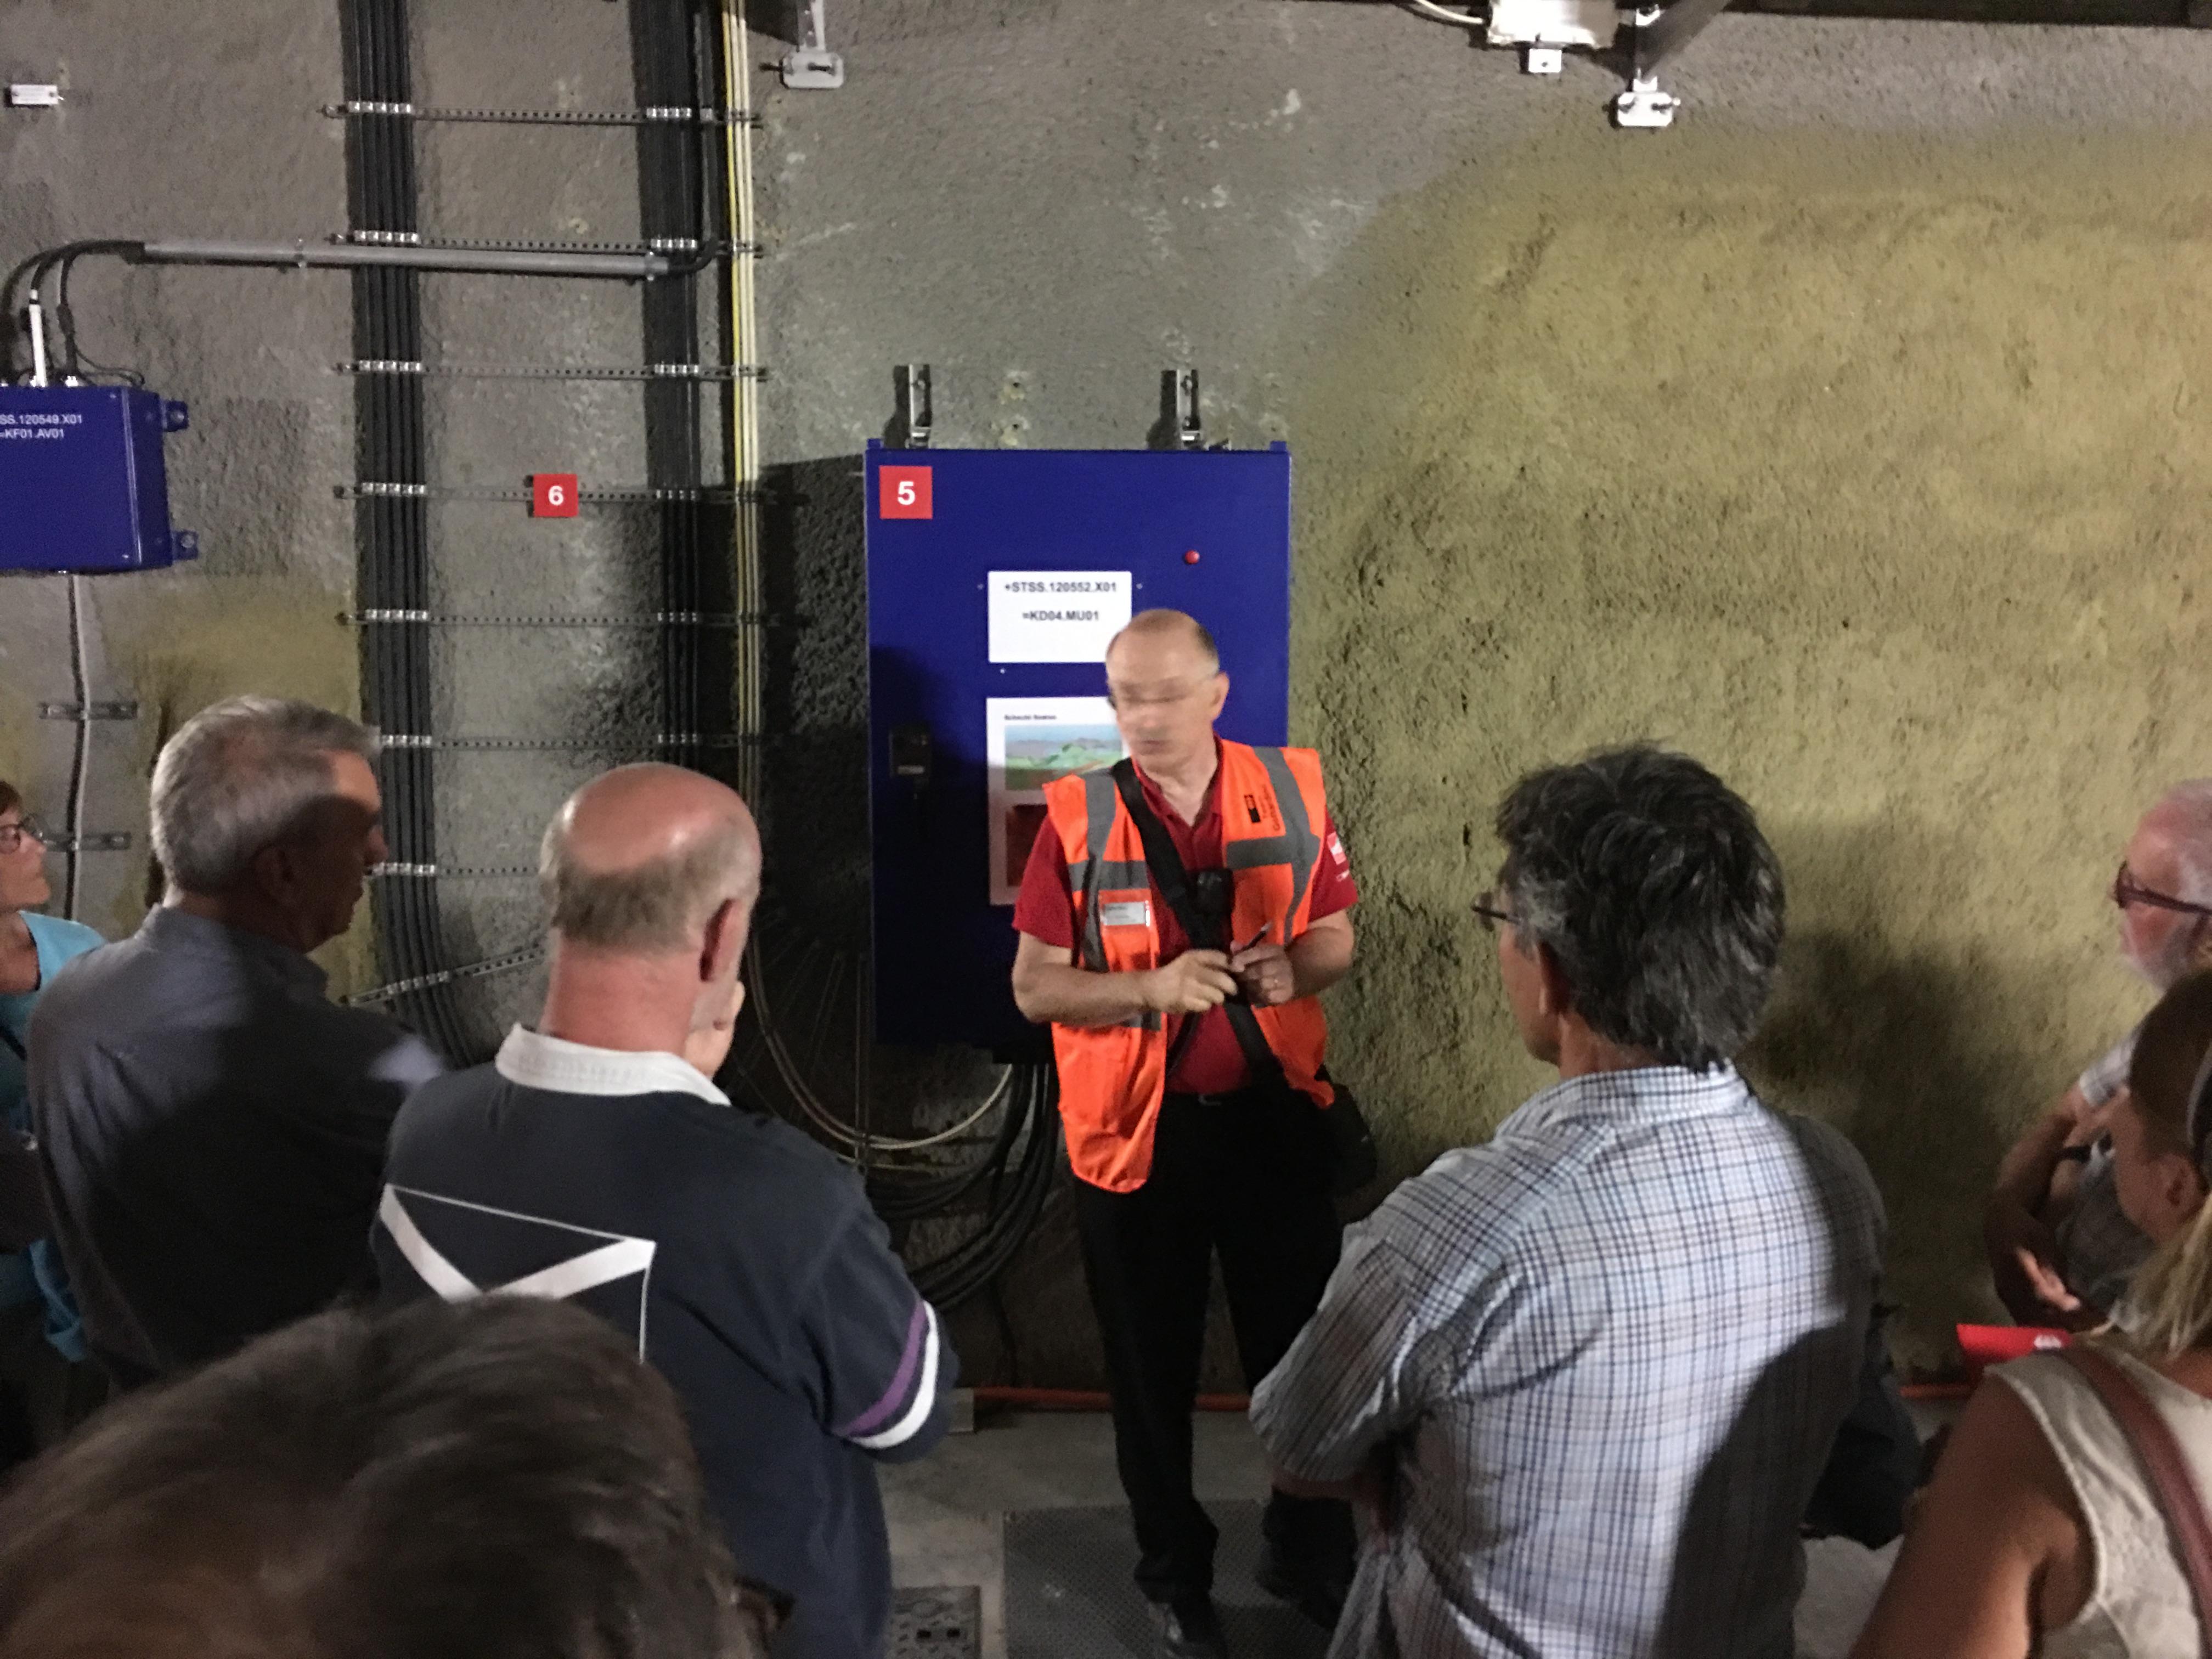 Erklärungen zum Schacht bei Sedrun. Dieser wurde beim Bau benötigt und dient jetzt der Belüftung und dem Druckausgleich.